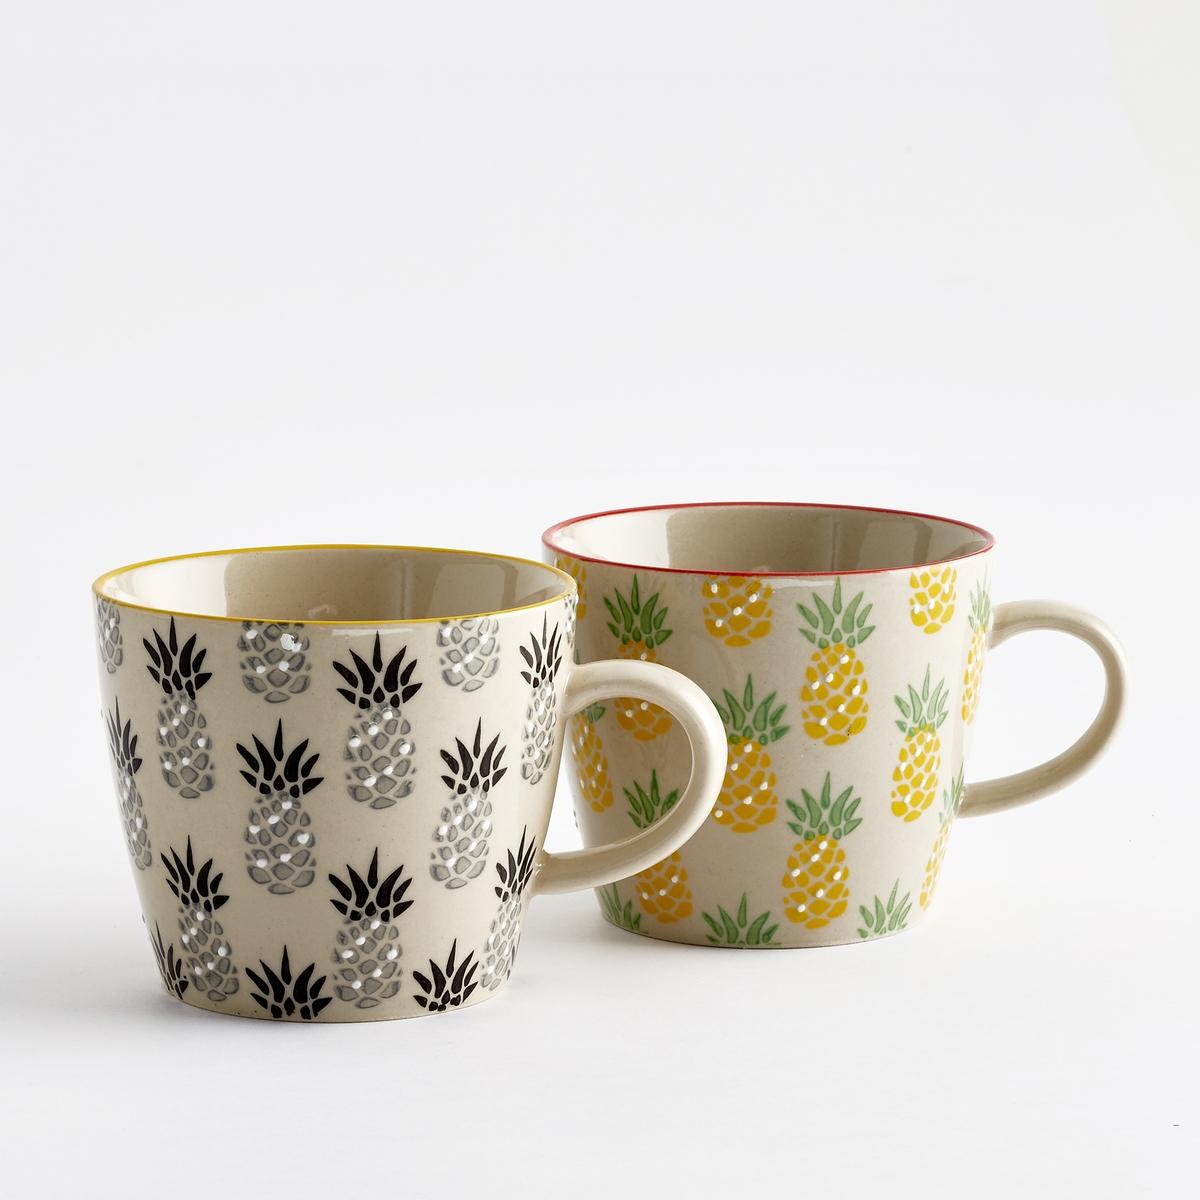 4 чашки из керамики Tossita